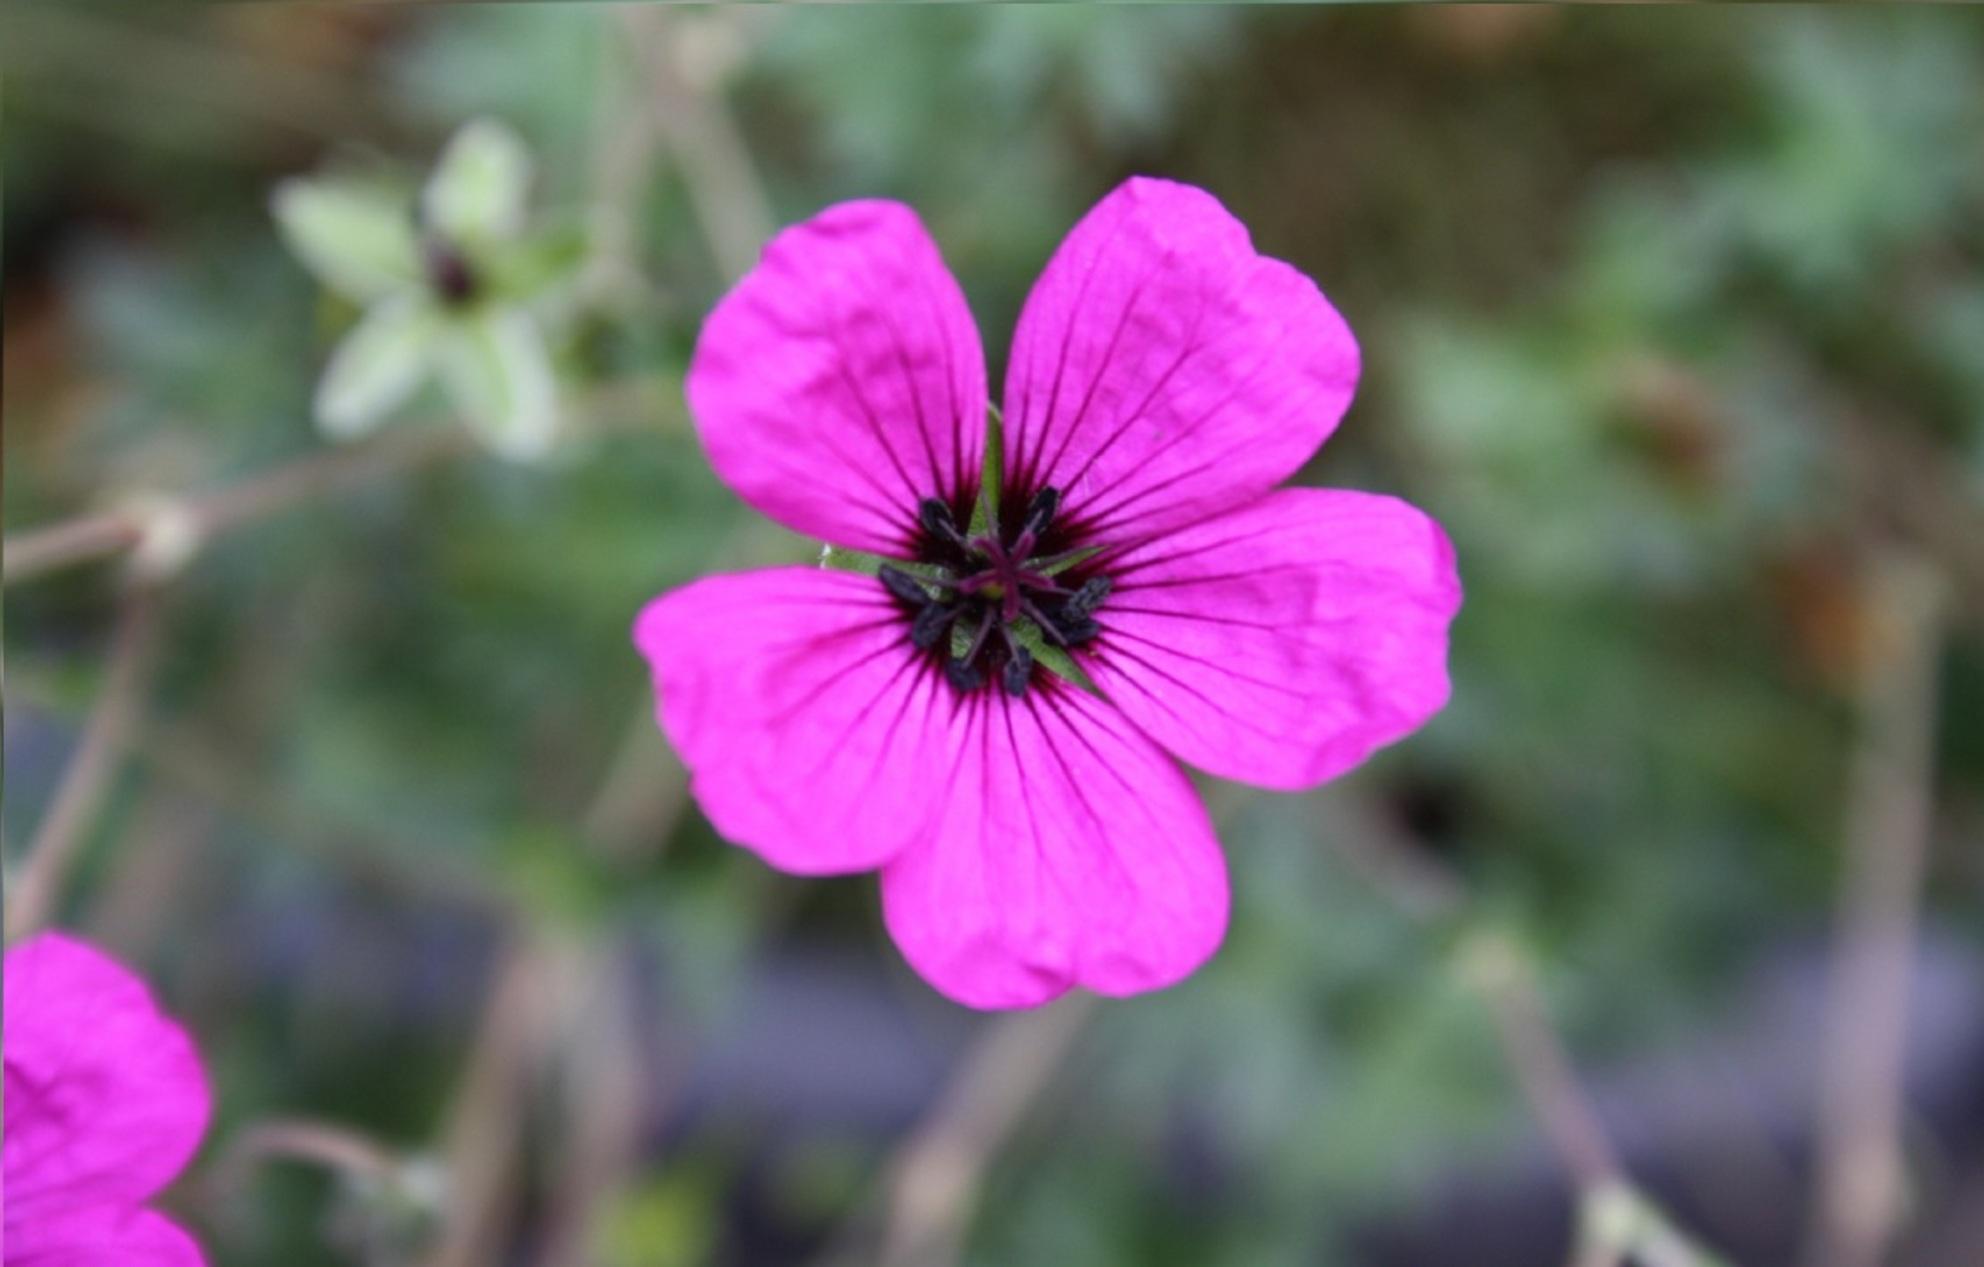 Roze Bloem - Roze Bloem - foto door fotograafwes op 23-07-2011 - deze foto bevat: roze, plant, bloem, natuur